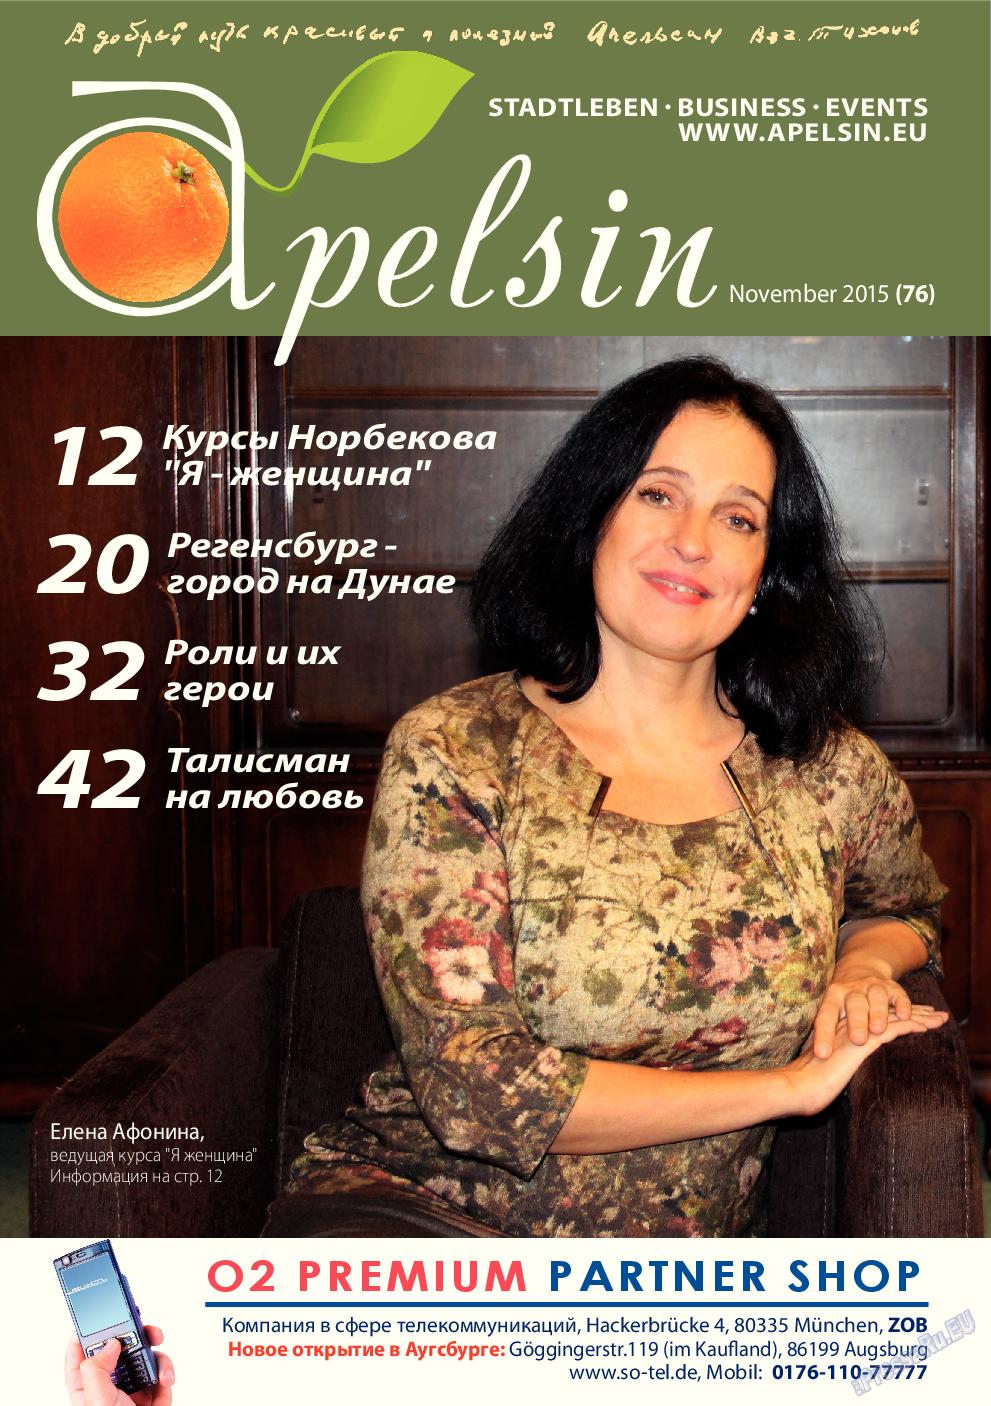 Апельсин (журнал). 2015 год, номер 76, стр. 1